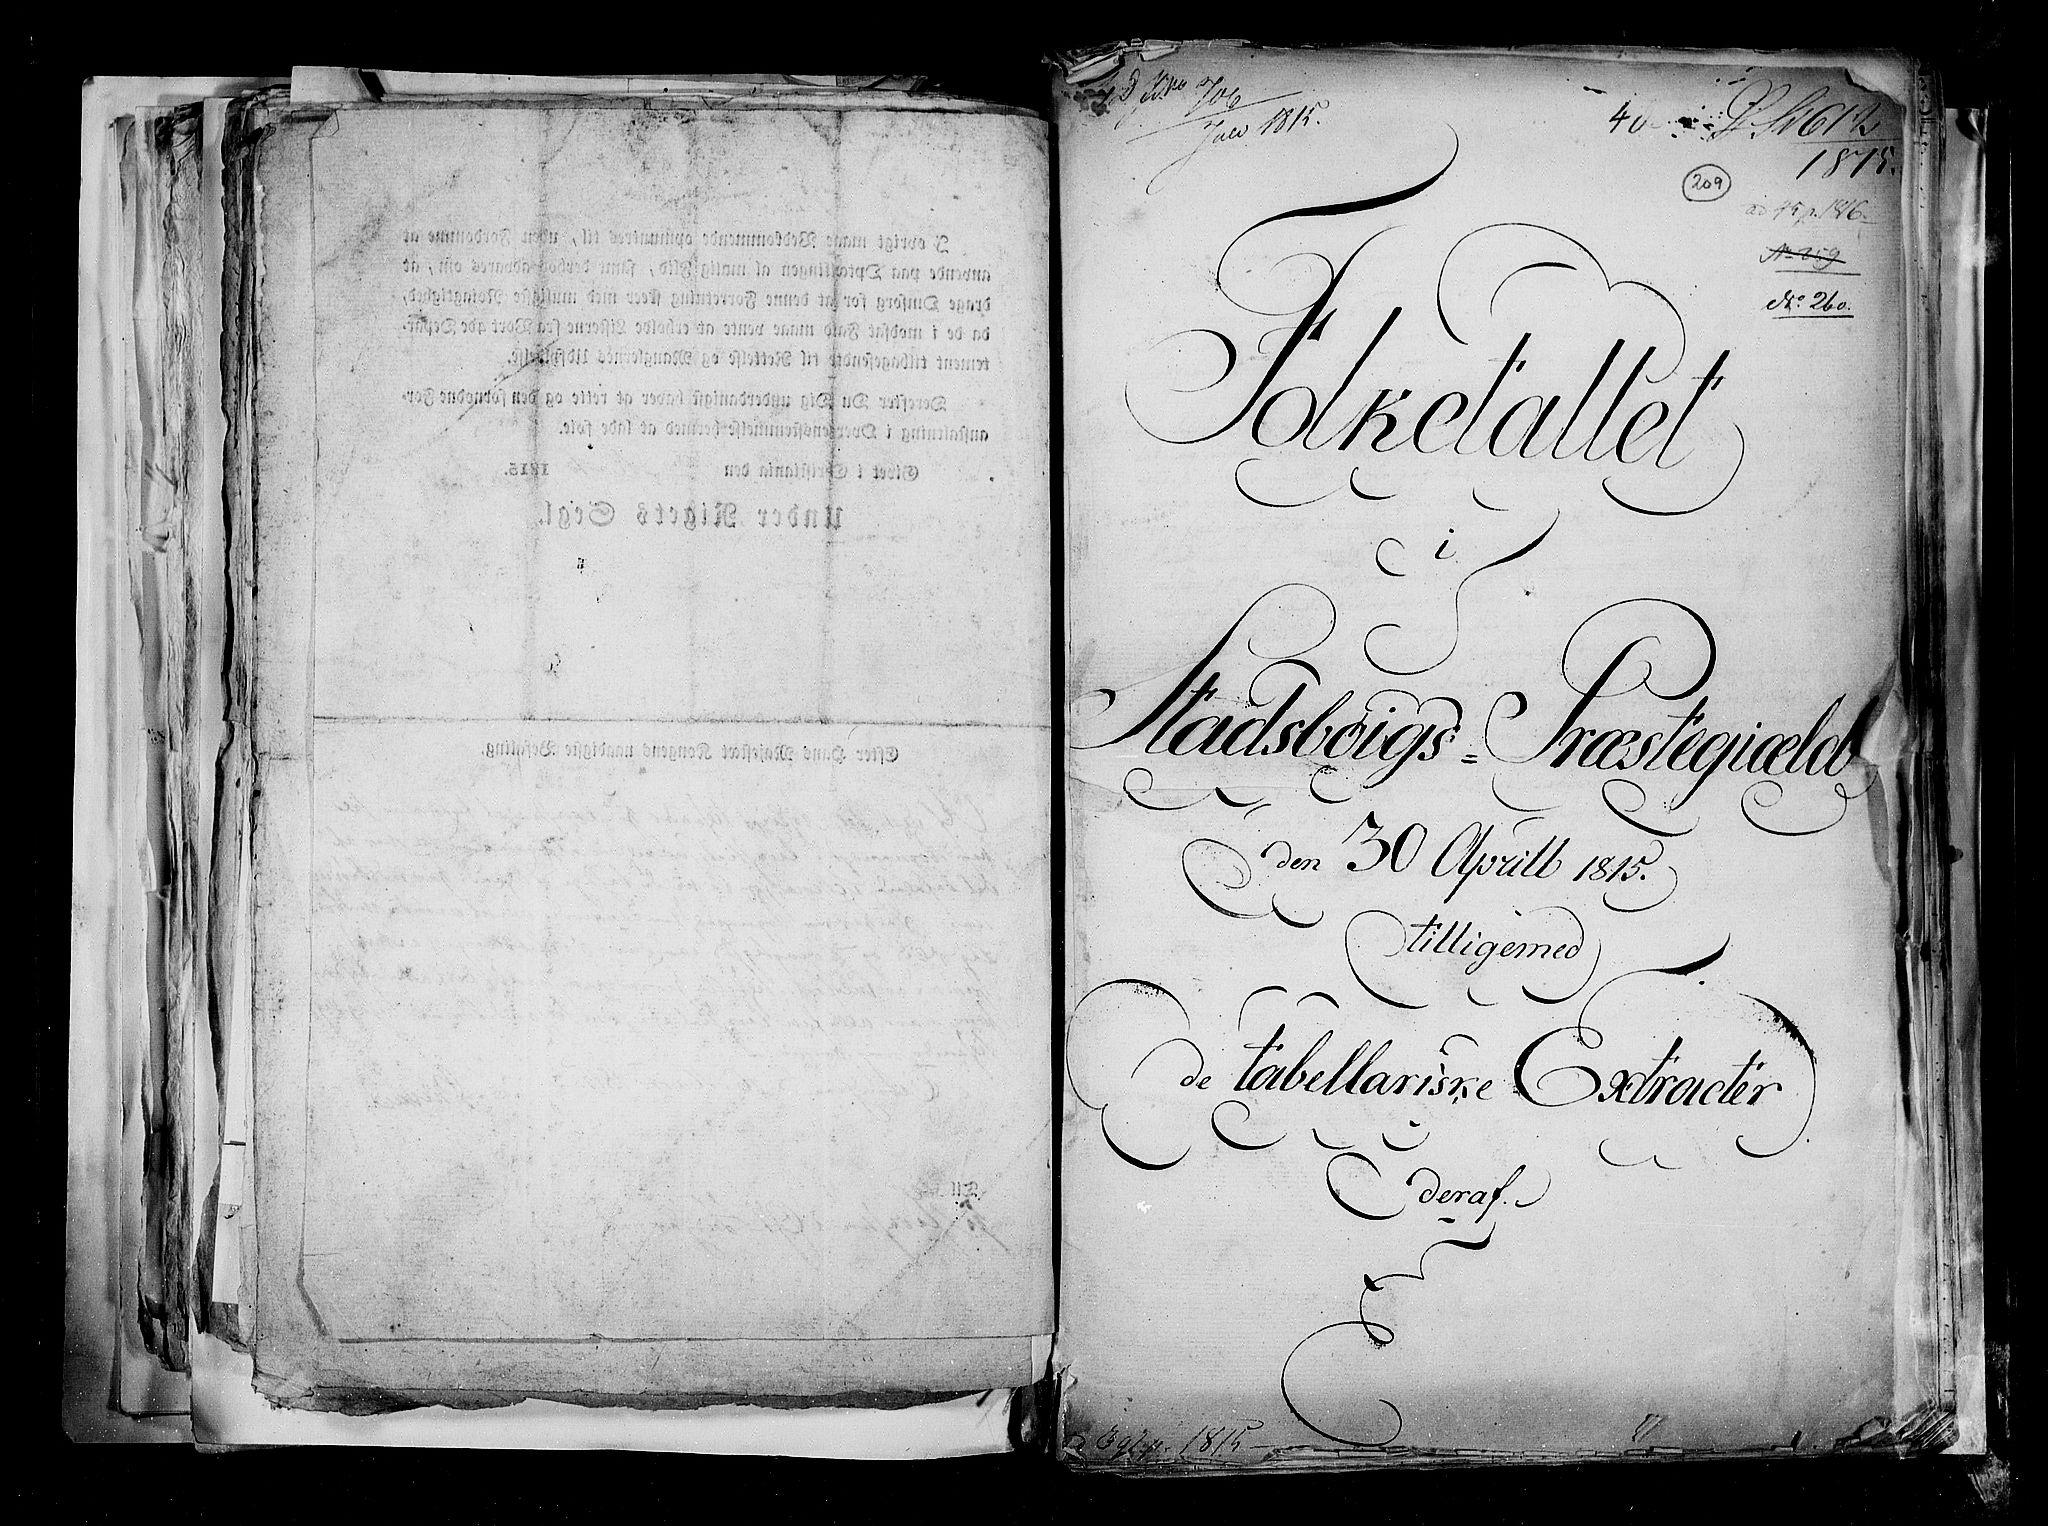 RA, Folketellingen 1815, bind 2: Bergen stift og Trondheim stift, 1815, s. 135